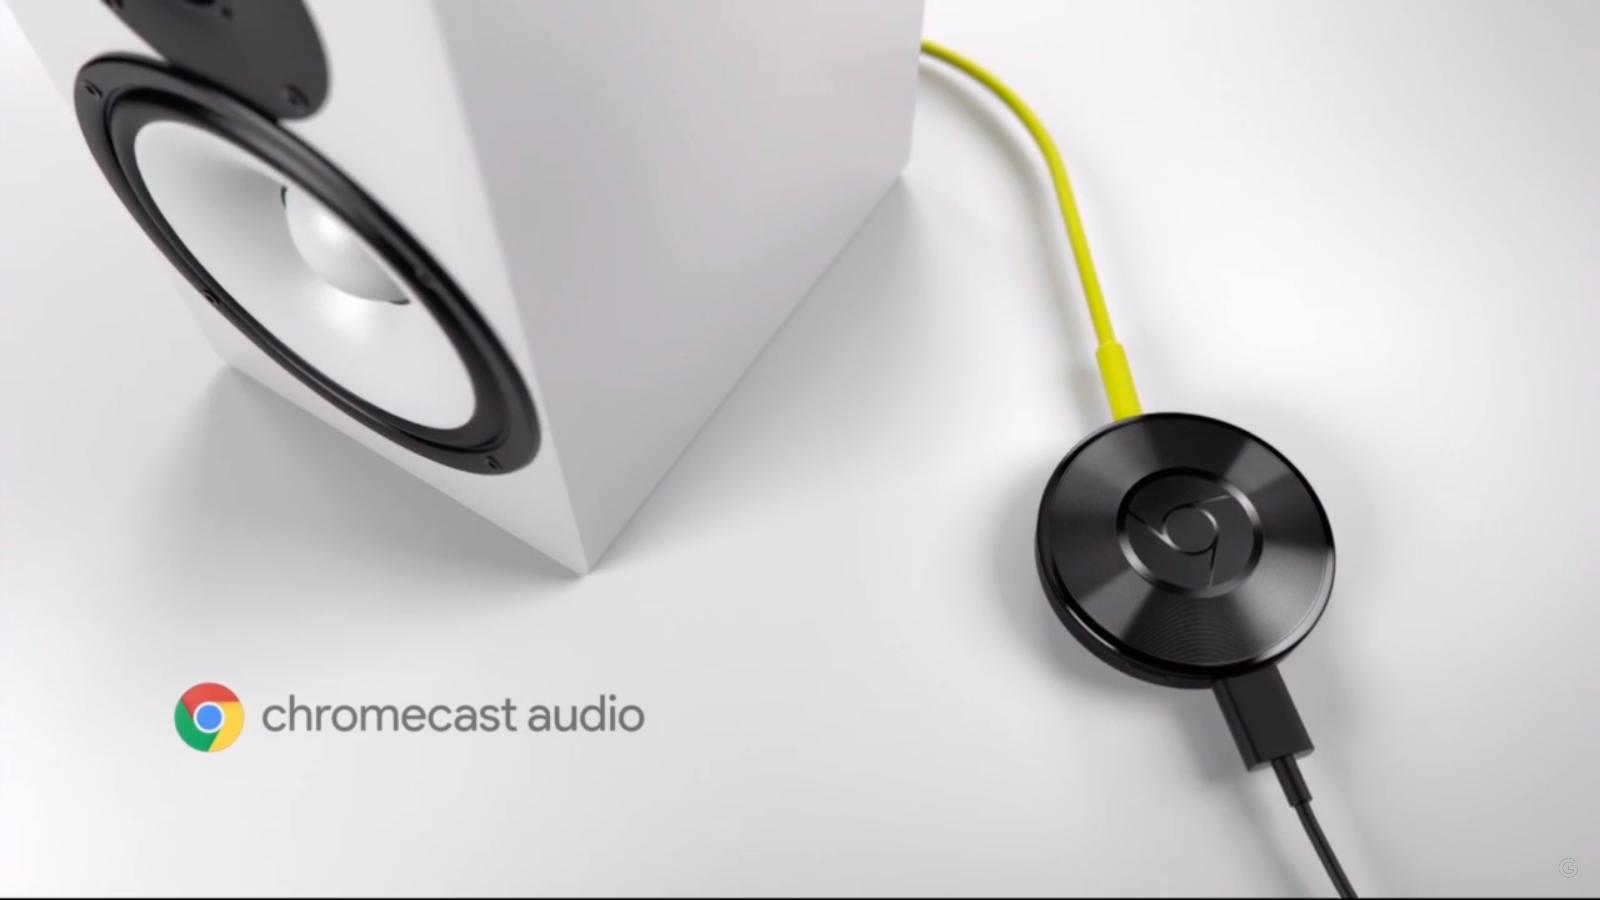 Google: Neuer Chromecast ist rund und kostet 39 Euro - Chromecast Audio (Screenshot Golem.de)